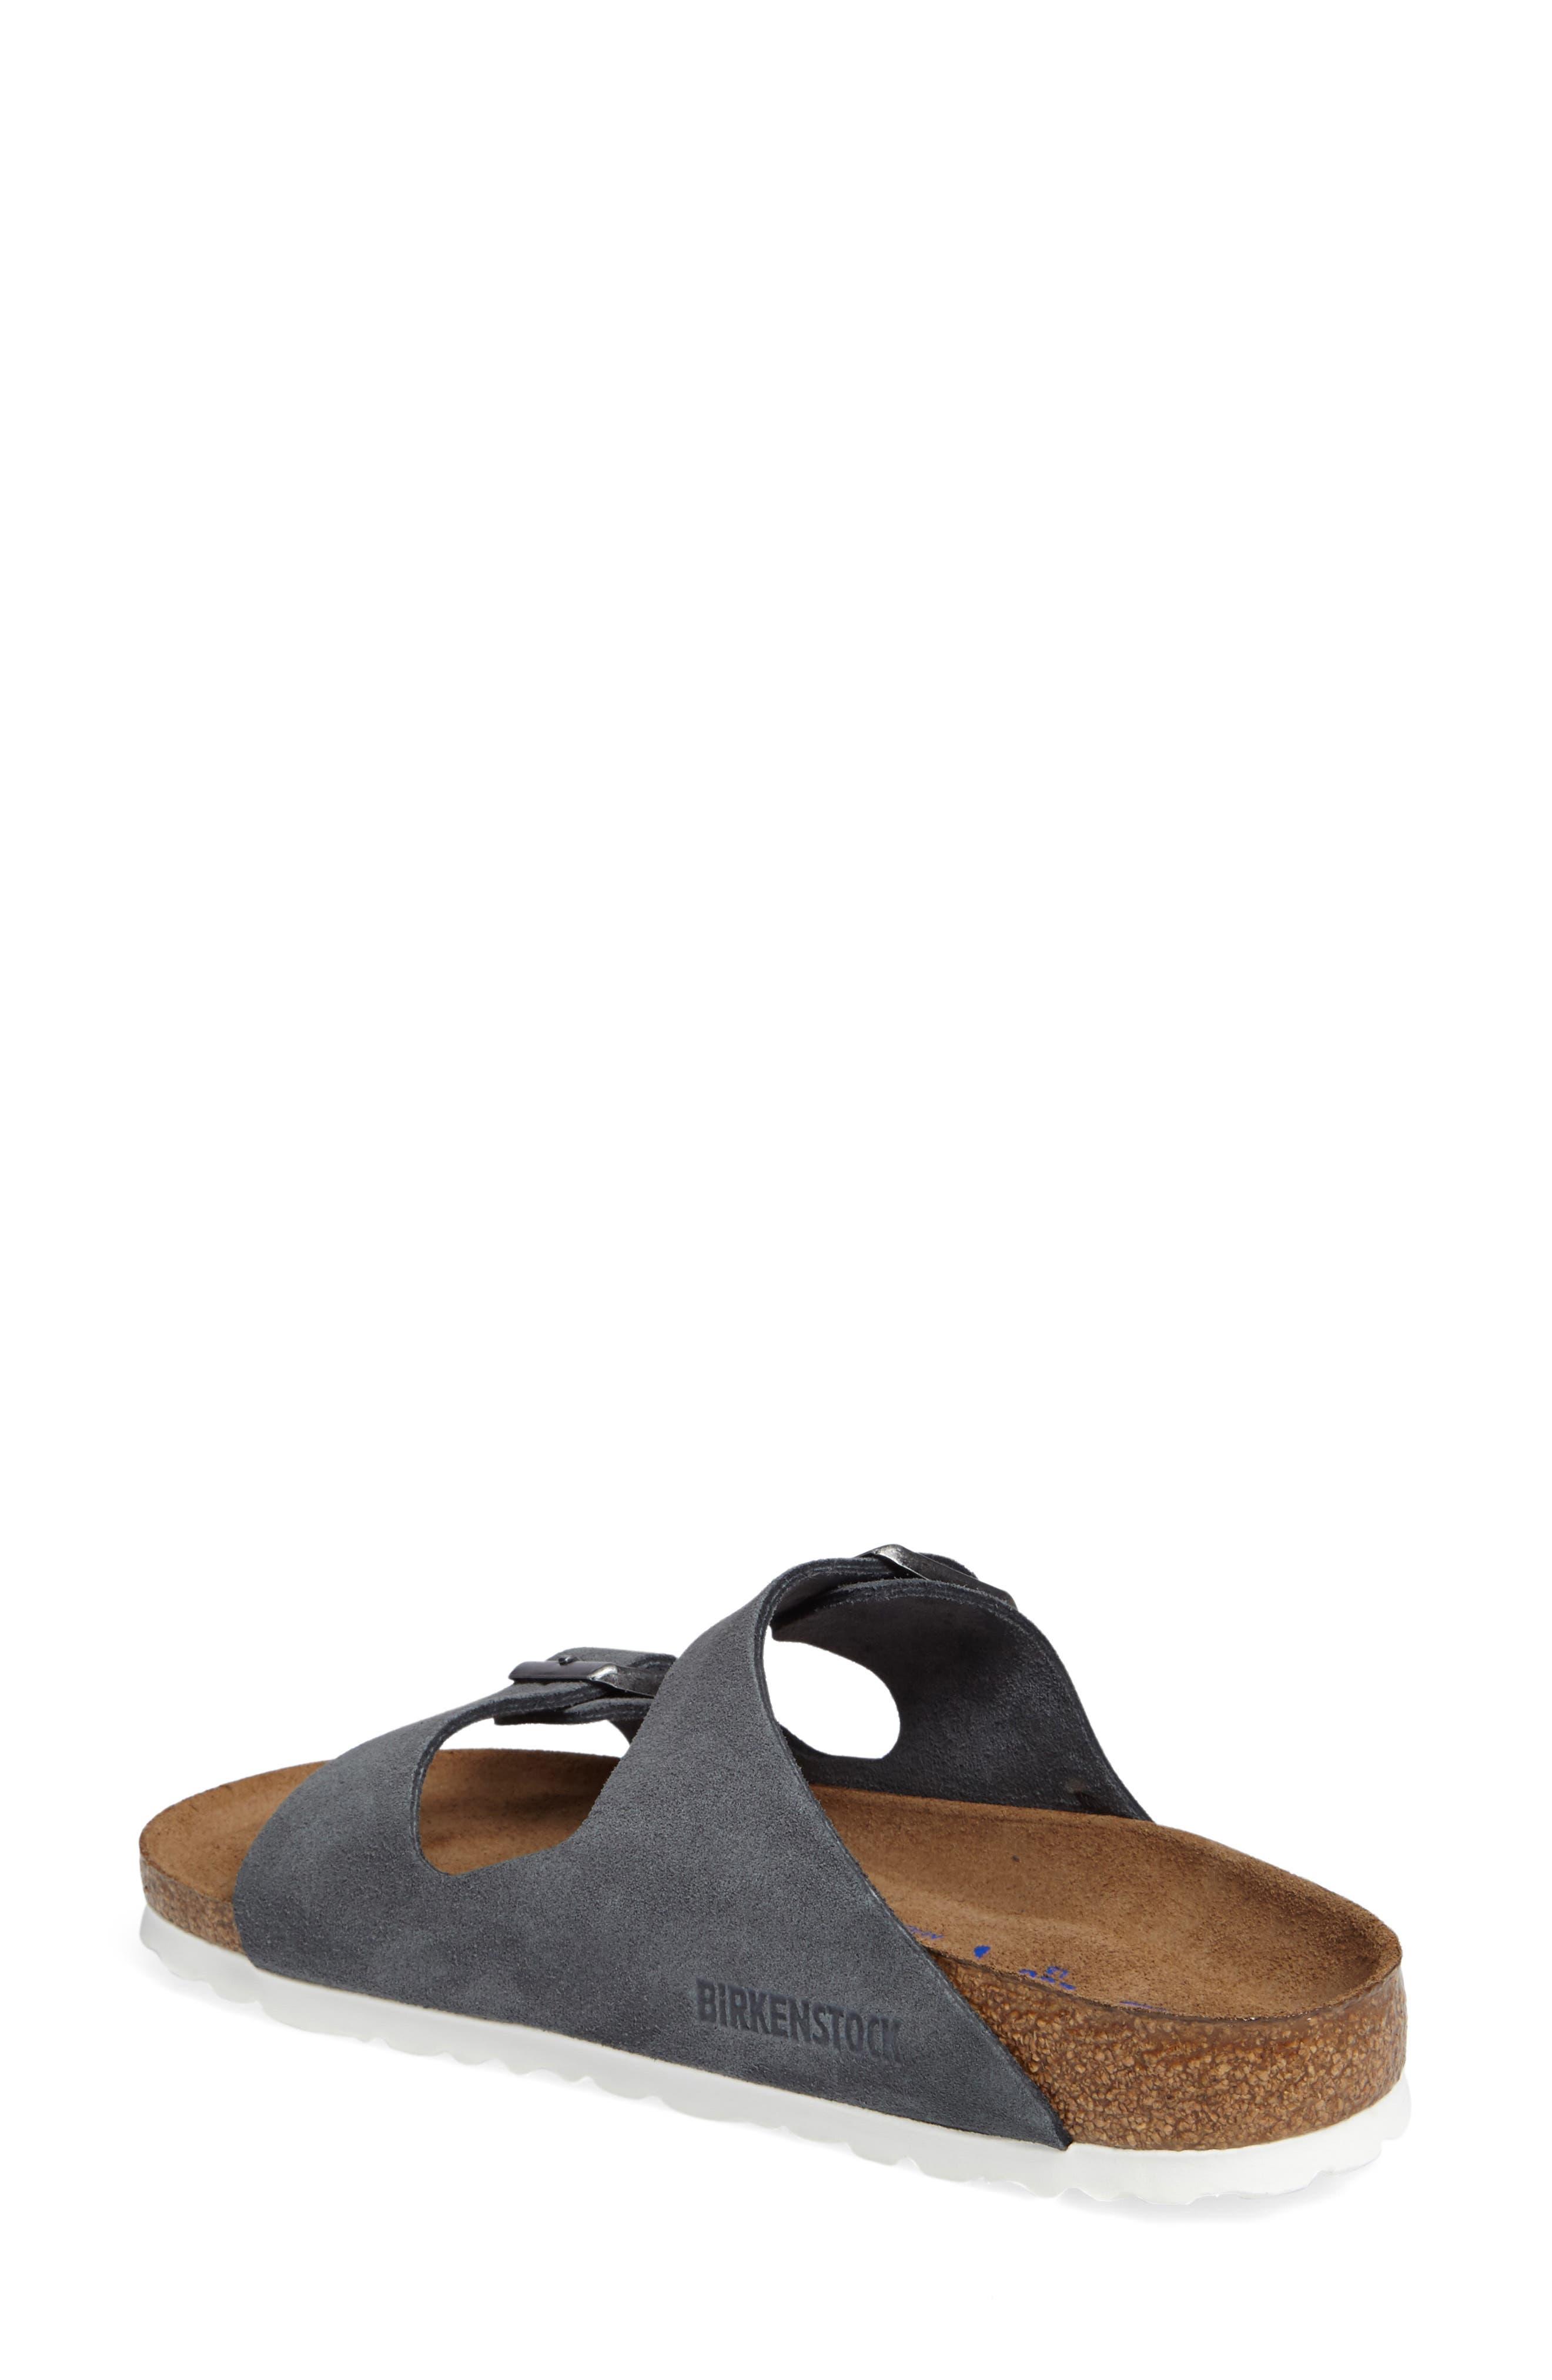 Alternate Image 2  - Birkenstock Arizona Birko-Flor Soft Footbed Slide Sandal (Women)